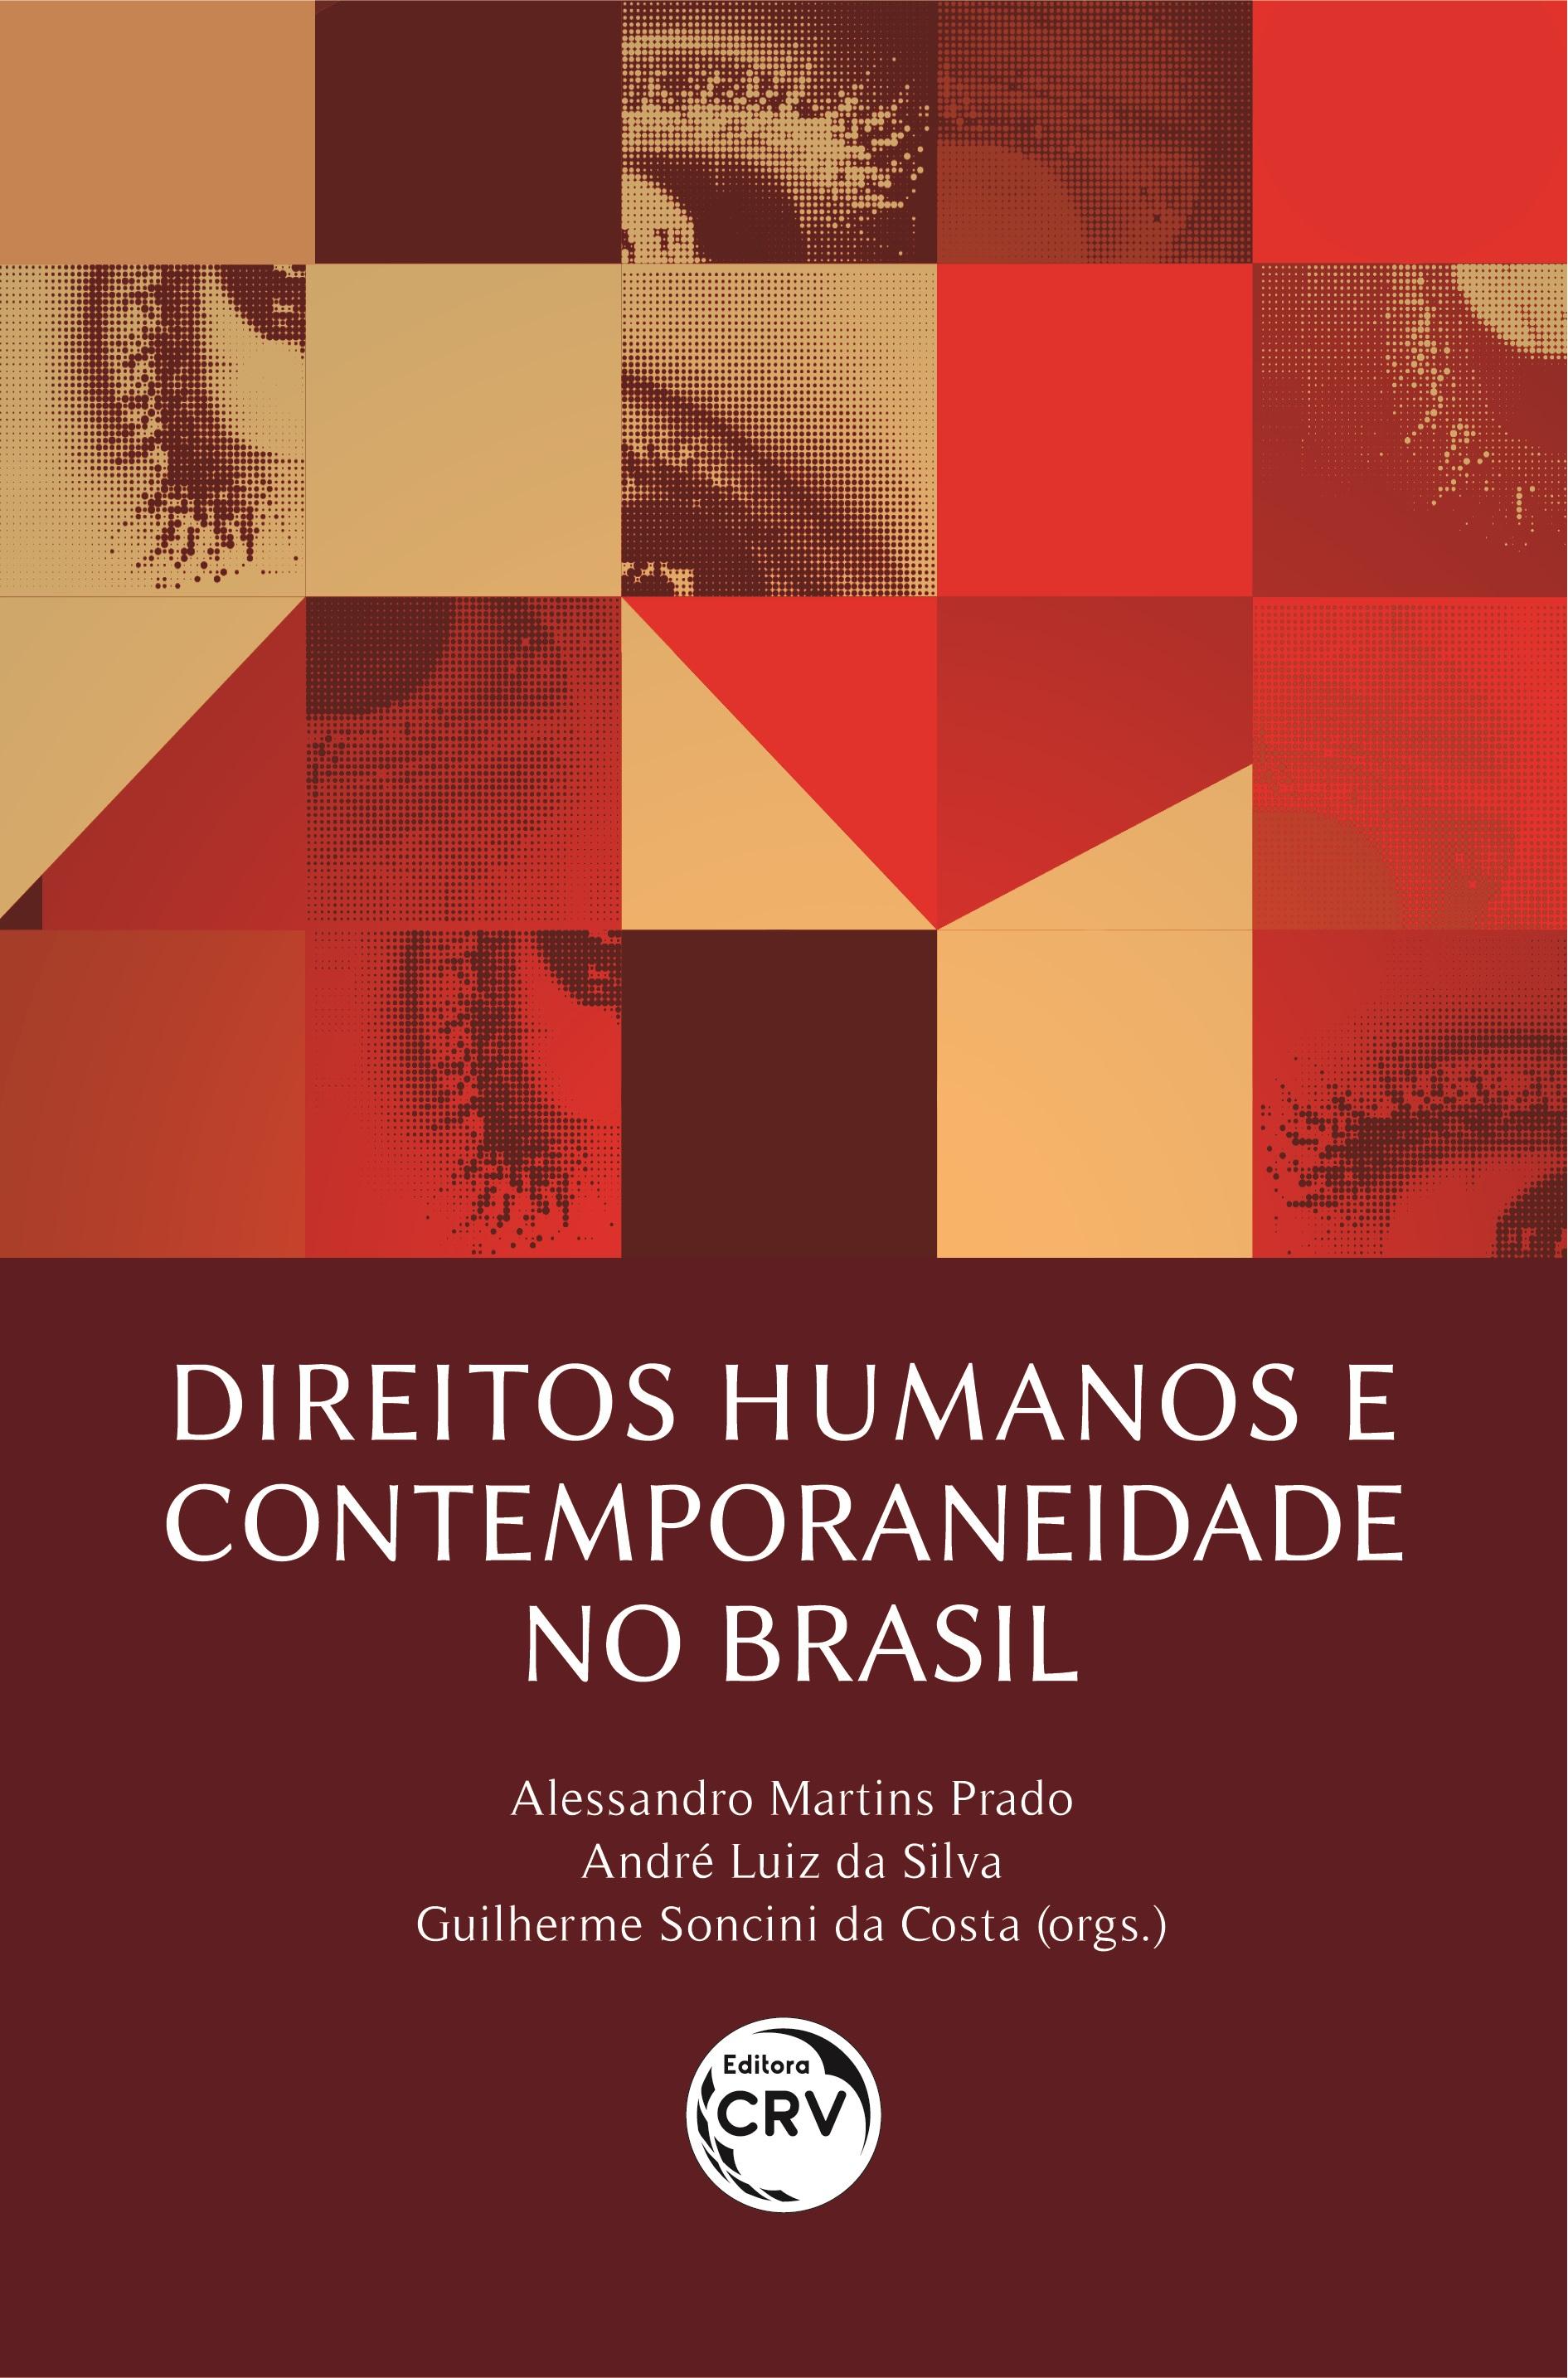 Capa do livro: DIREITOS HUMANOS E CONTEMPORANEIDADE NO BRASIL